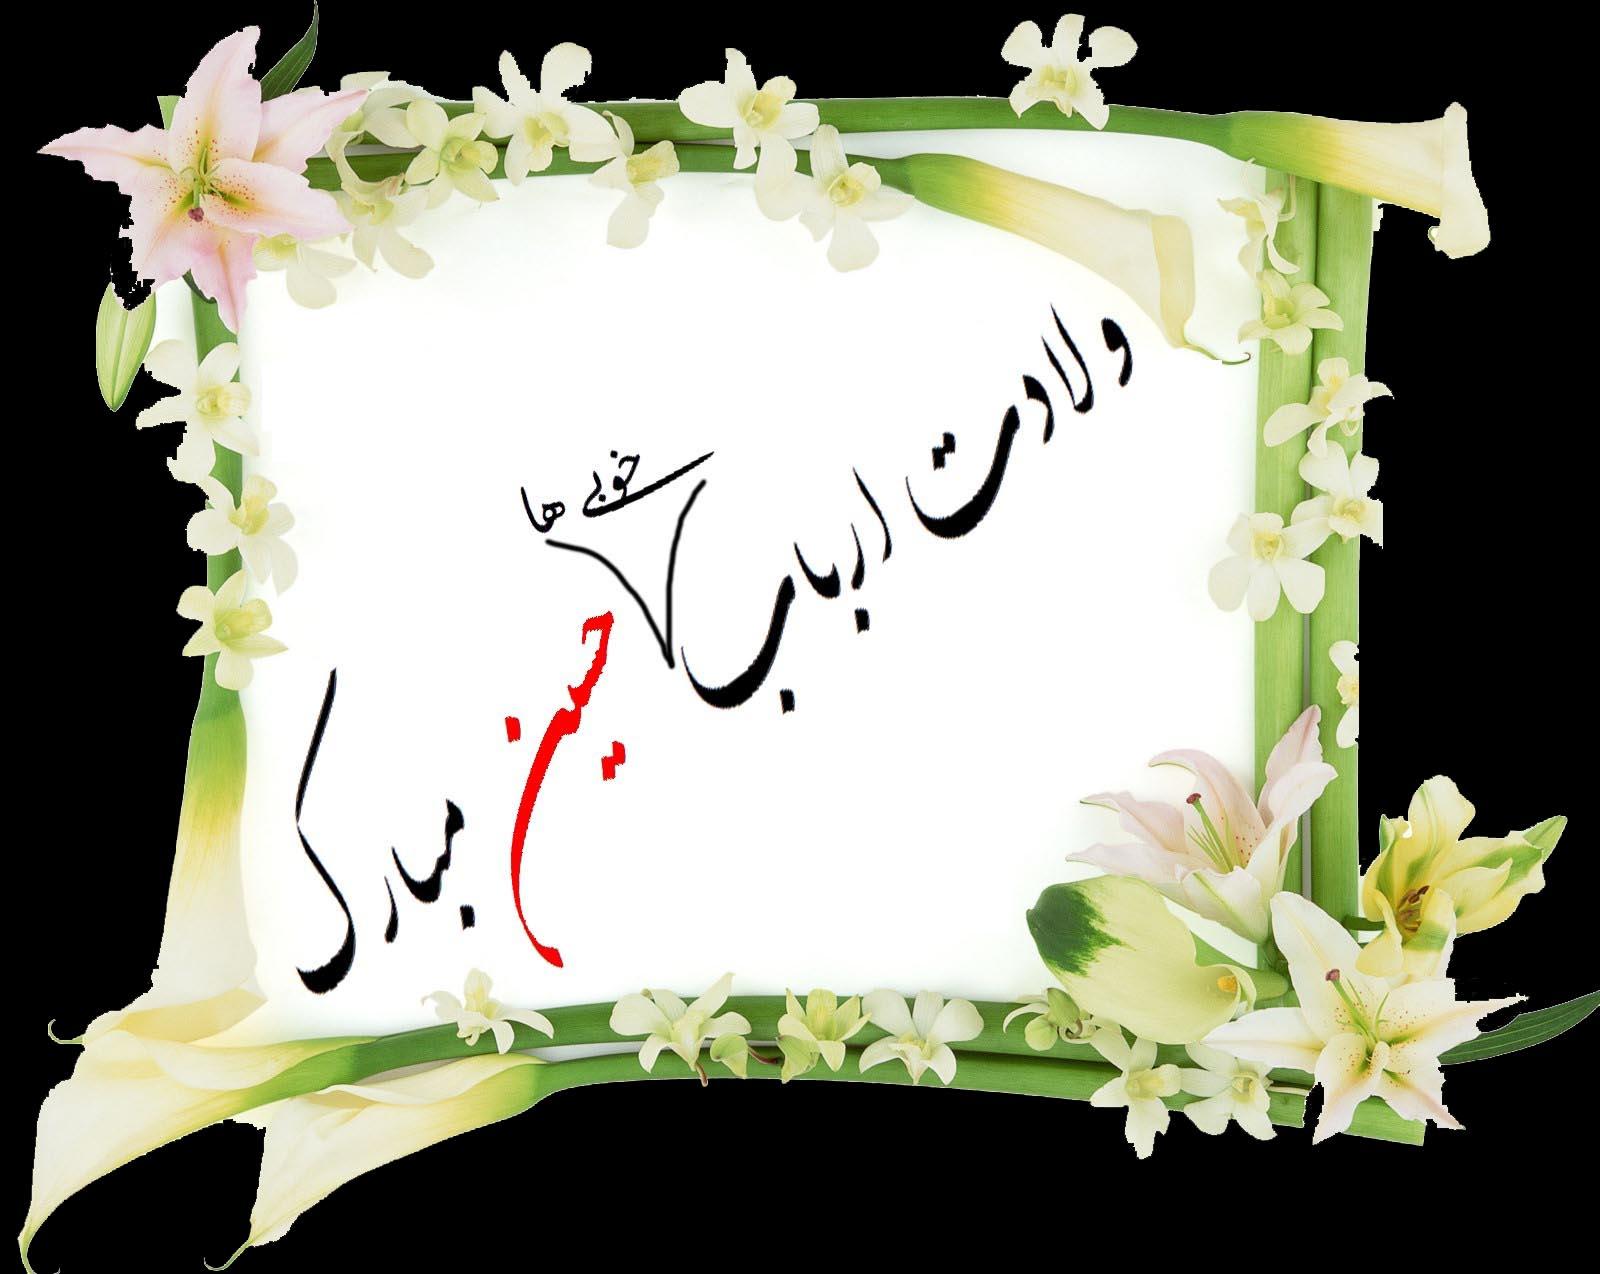 نتیجه تصویری برای متحرکتولد امام حسین